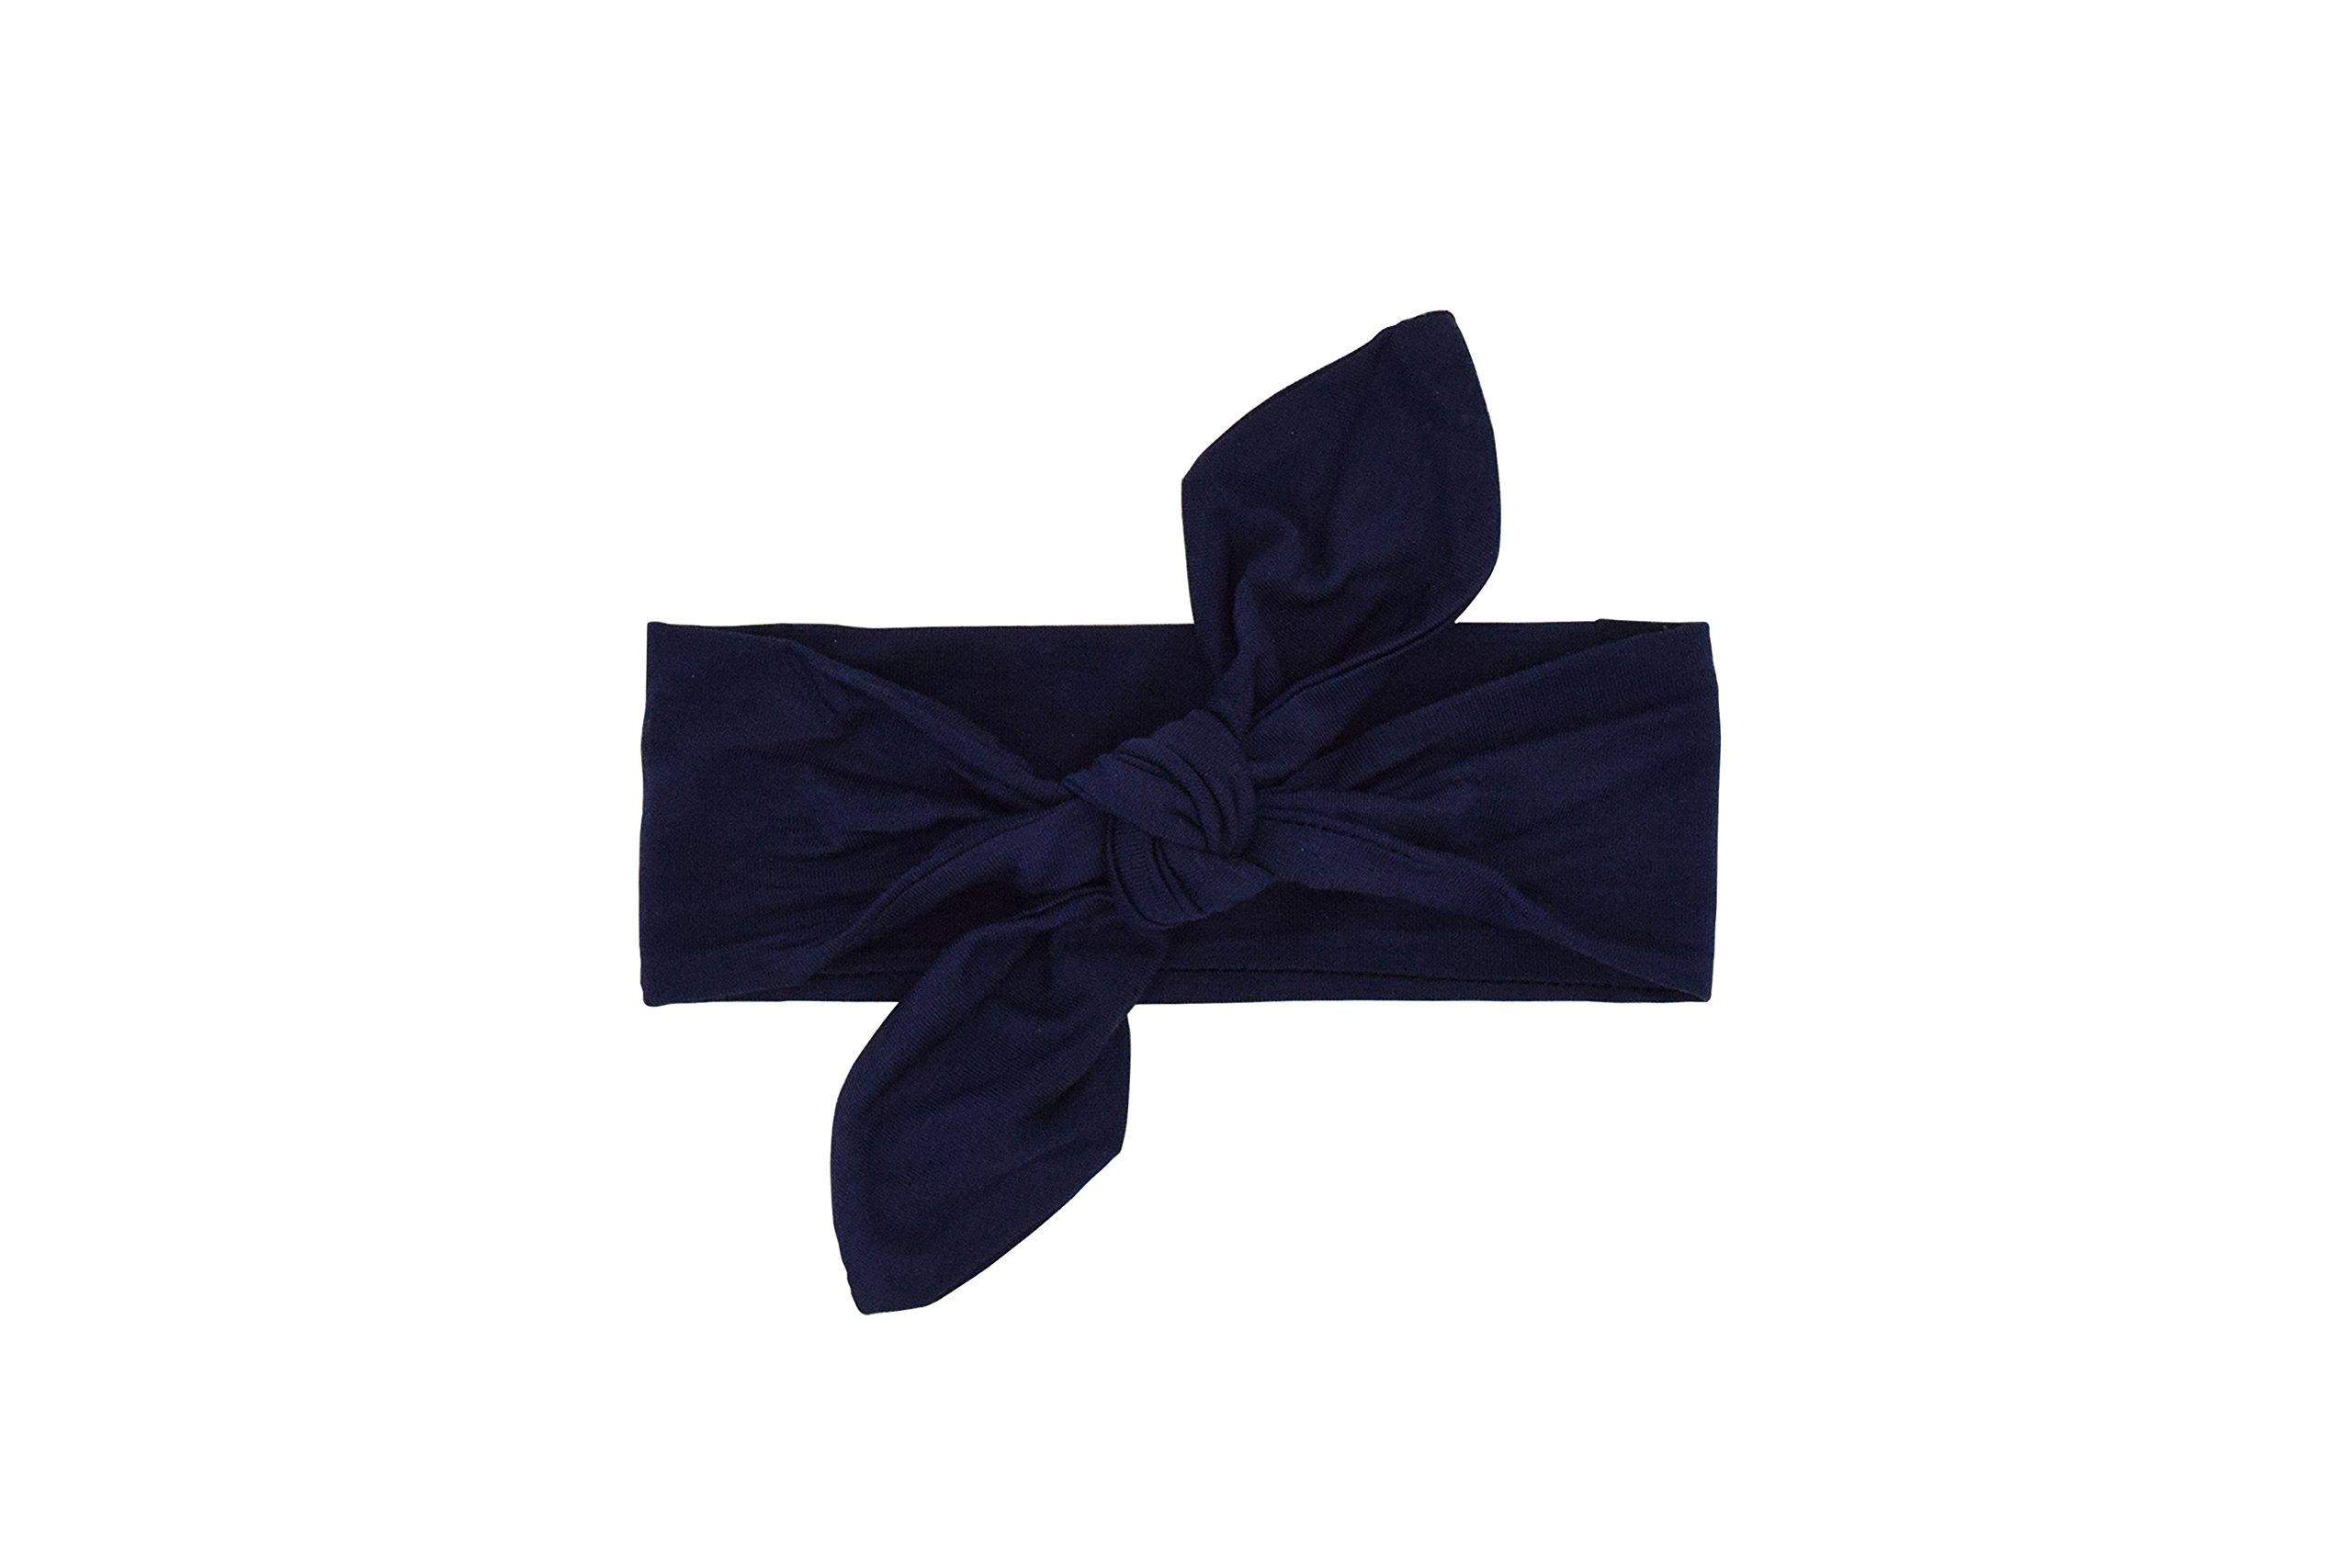 Itzy Ritzy–Parte superior nudo bebé diadema, color azul oscuro